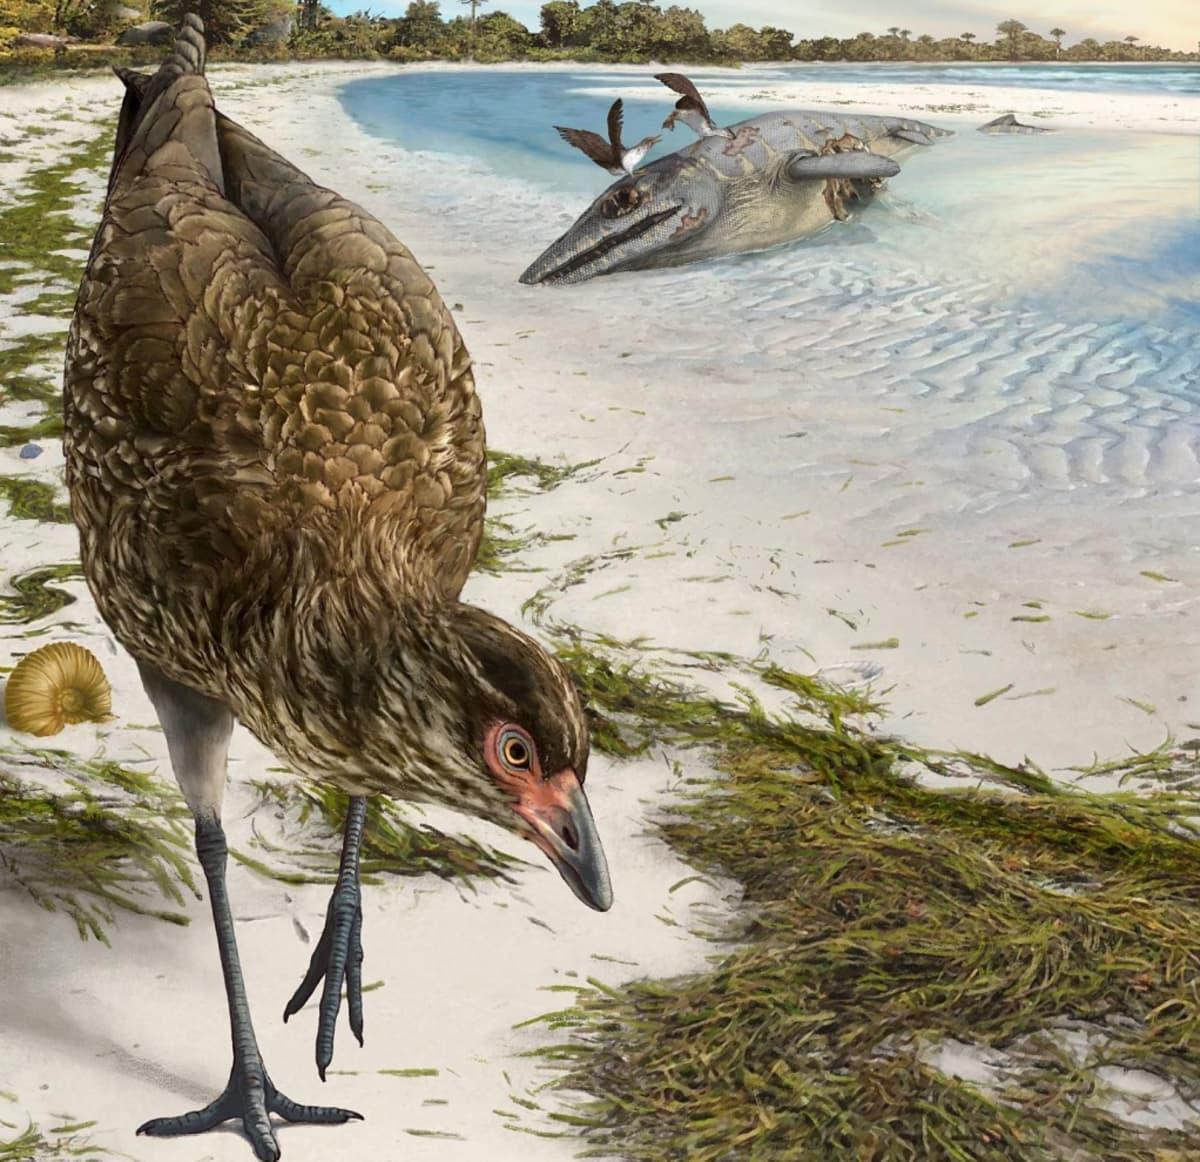 Piirros hiekalla astelevasta pitkäjalkaisesta linnusta, taustalla kaksi lintua nokkii ison meriliskon ruhoa.